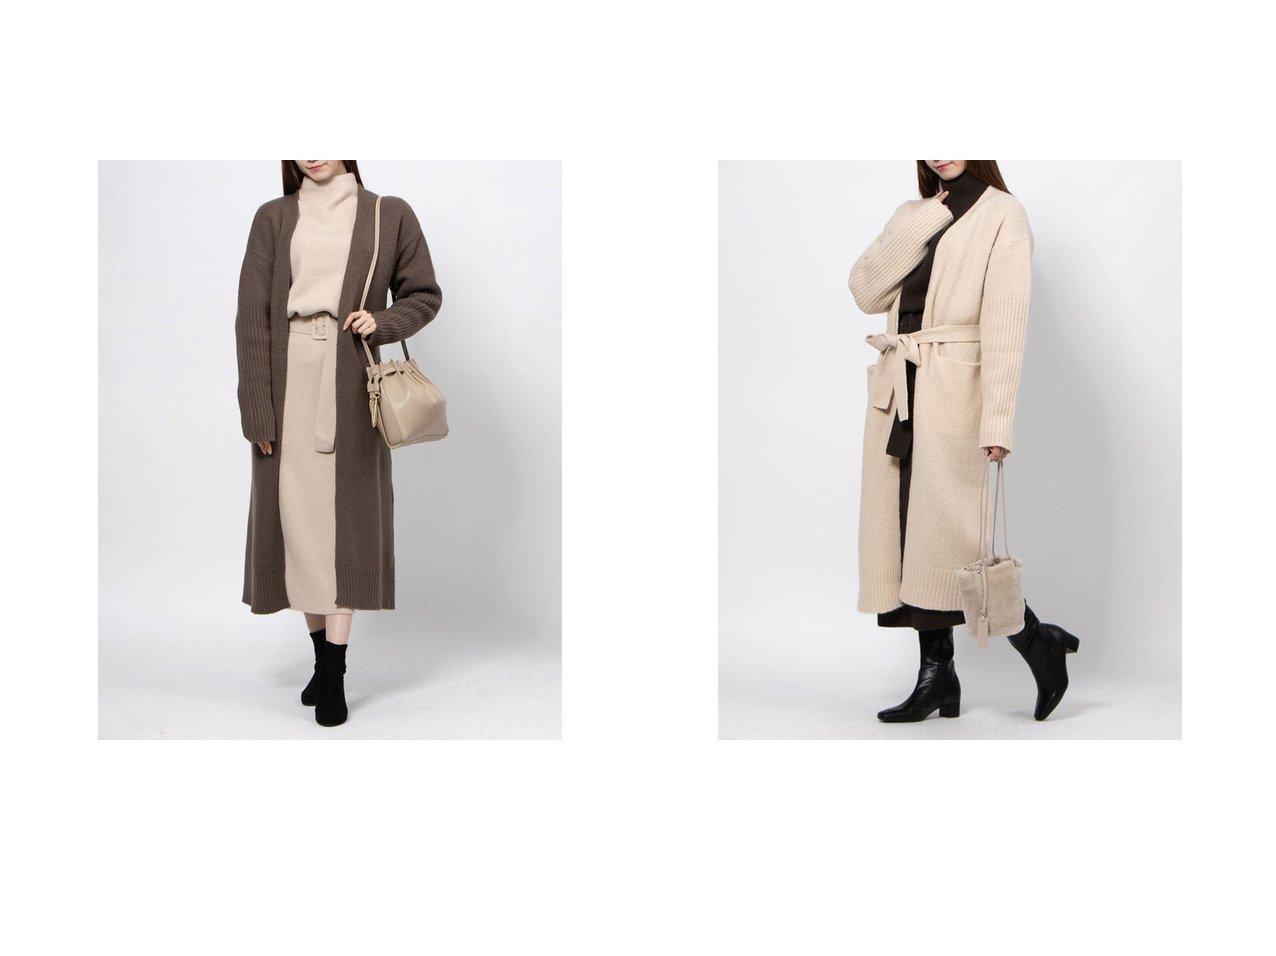 【Mila Owen/ミラオーウェン】の袖リブデザインロングガウンニットCD トップス・カットソーのおすすめ!人気、レディースファッションの通販 おすすめで人気のファッション通販商品 インテリア・家具・キッズファッション・メンズファッション・レディースファッション・服の通販 founy(ファニー) https://founy.com/ ファッション Fashion レディース WOMEN |ID:crp329100000004791